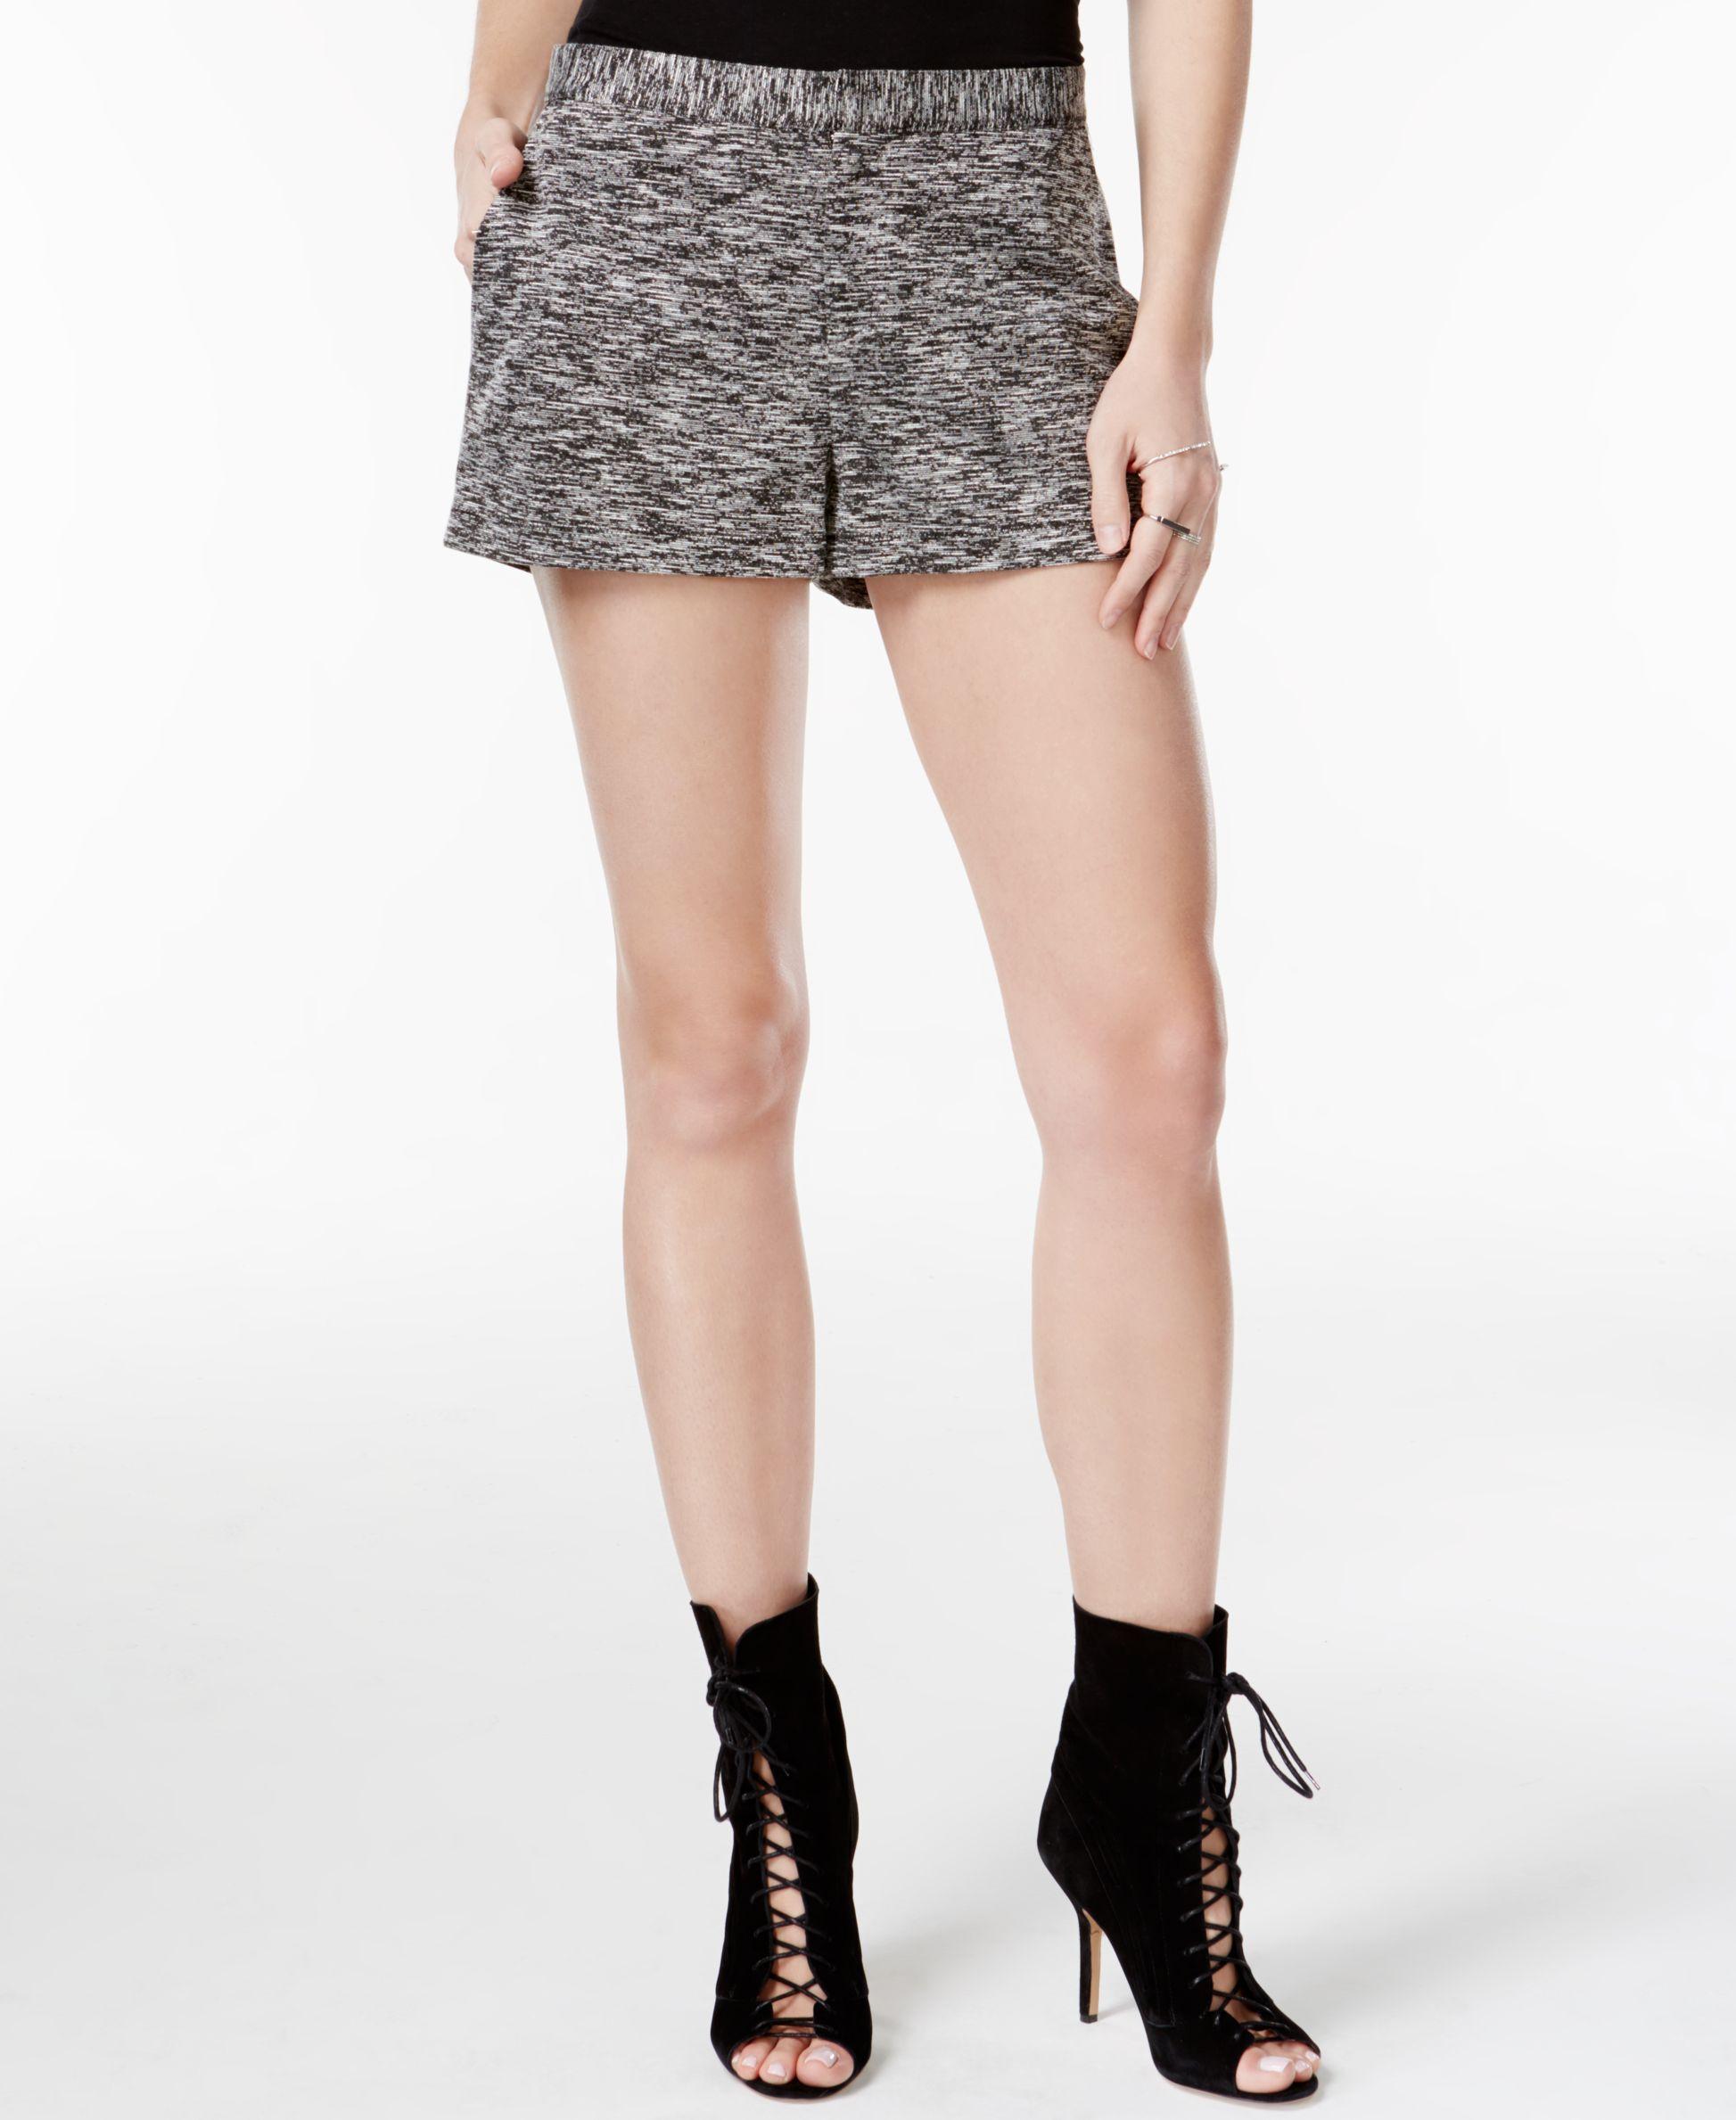 Rachel Rachel Roy Easy Space-Dye Shorts   Products   Pinterest